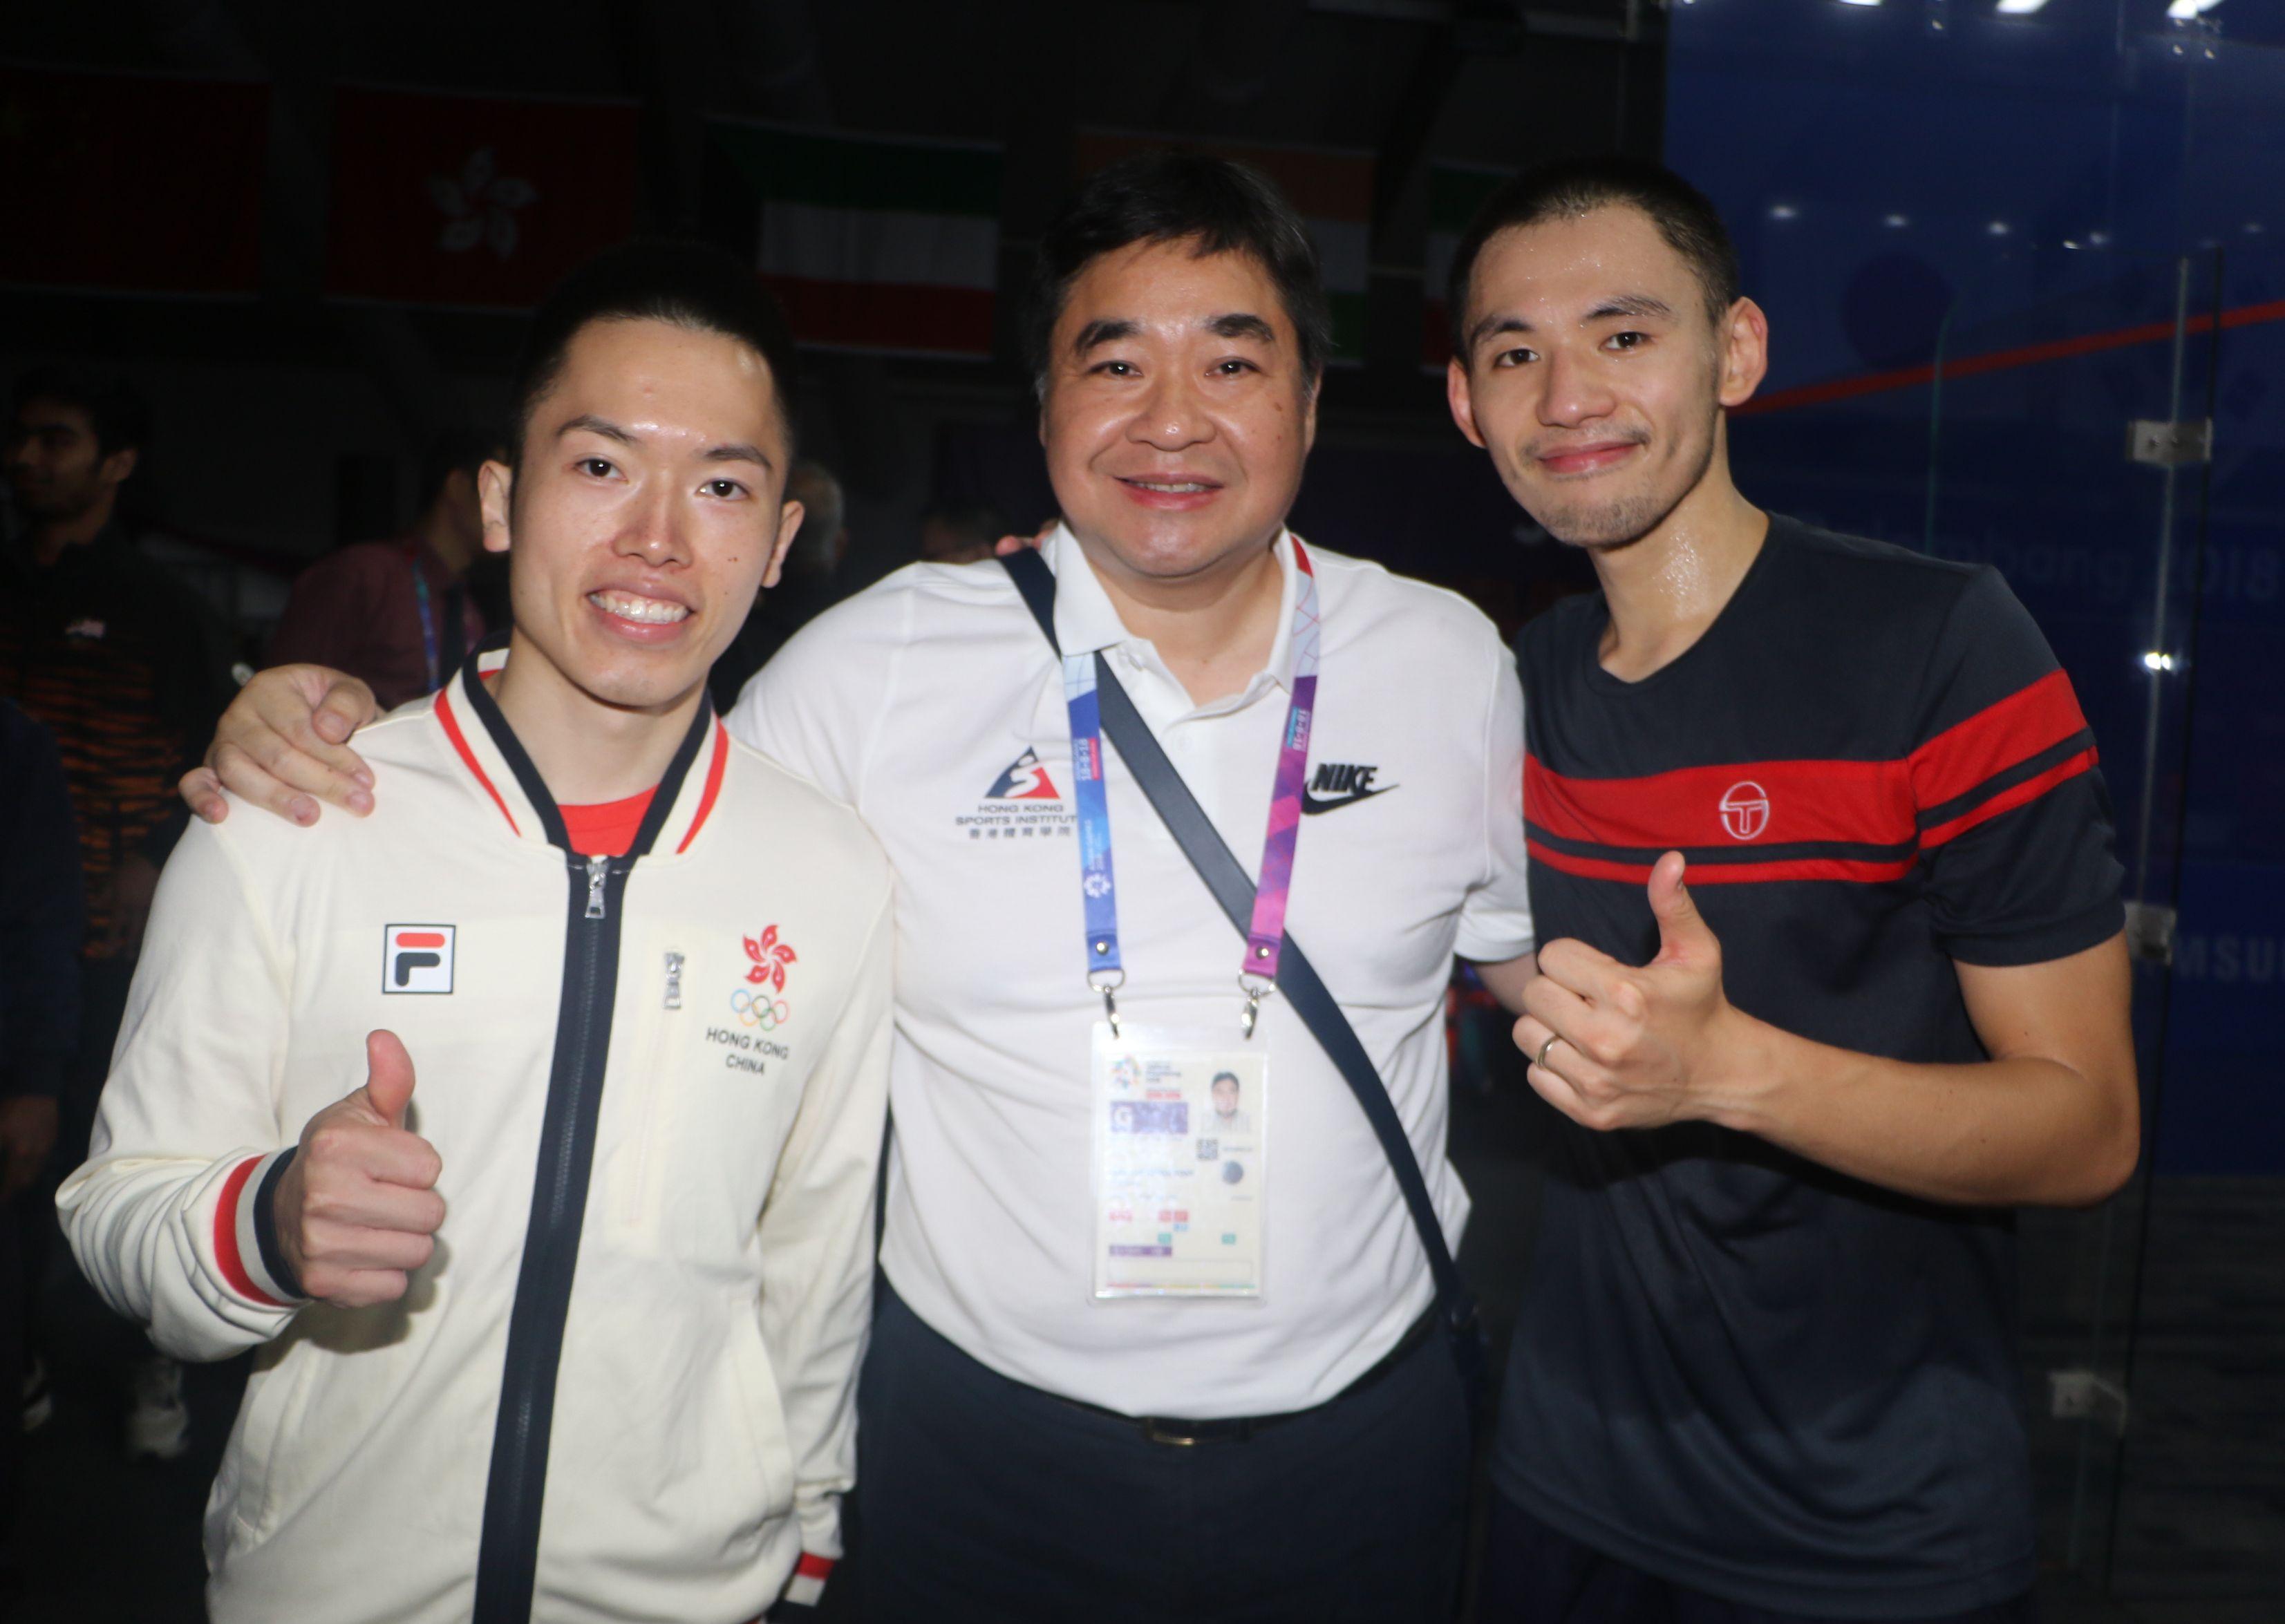 歐鎮銘(左)與李浩賢(右)雙雙晉級男子組決賽,創下壁球隊最佳戰績